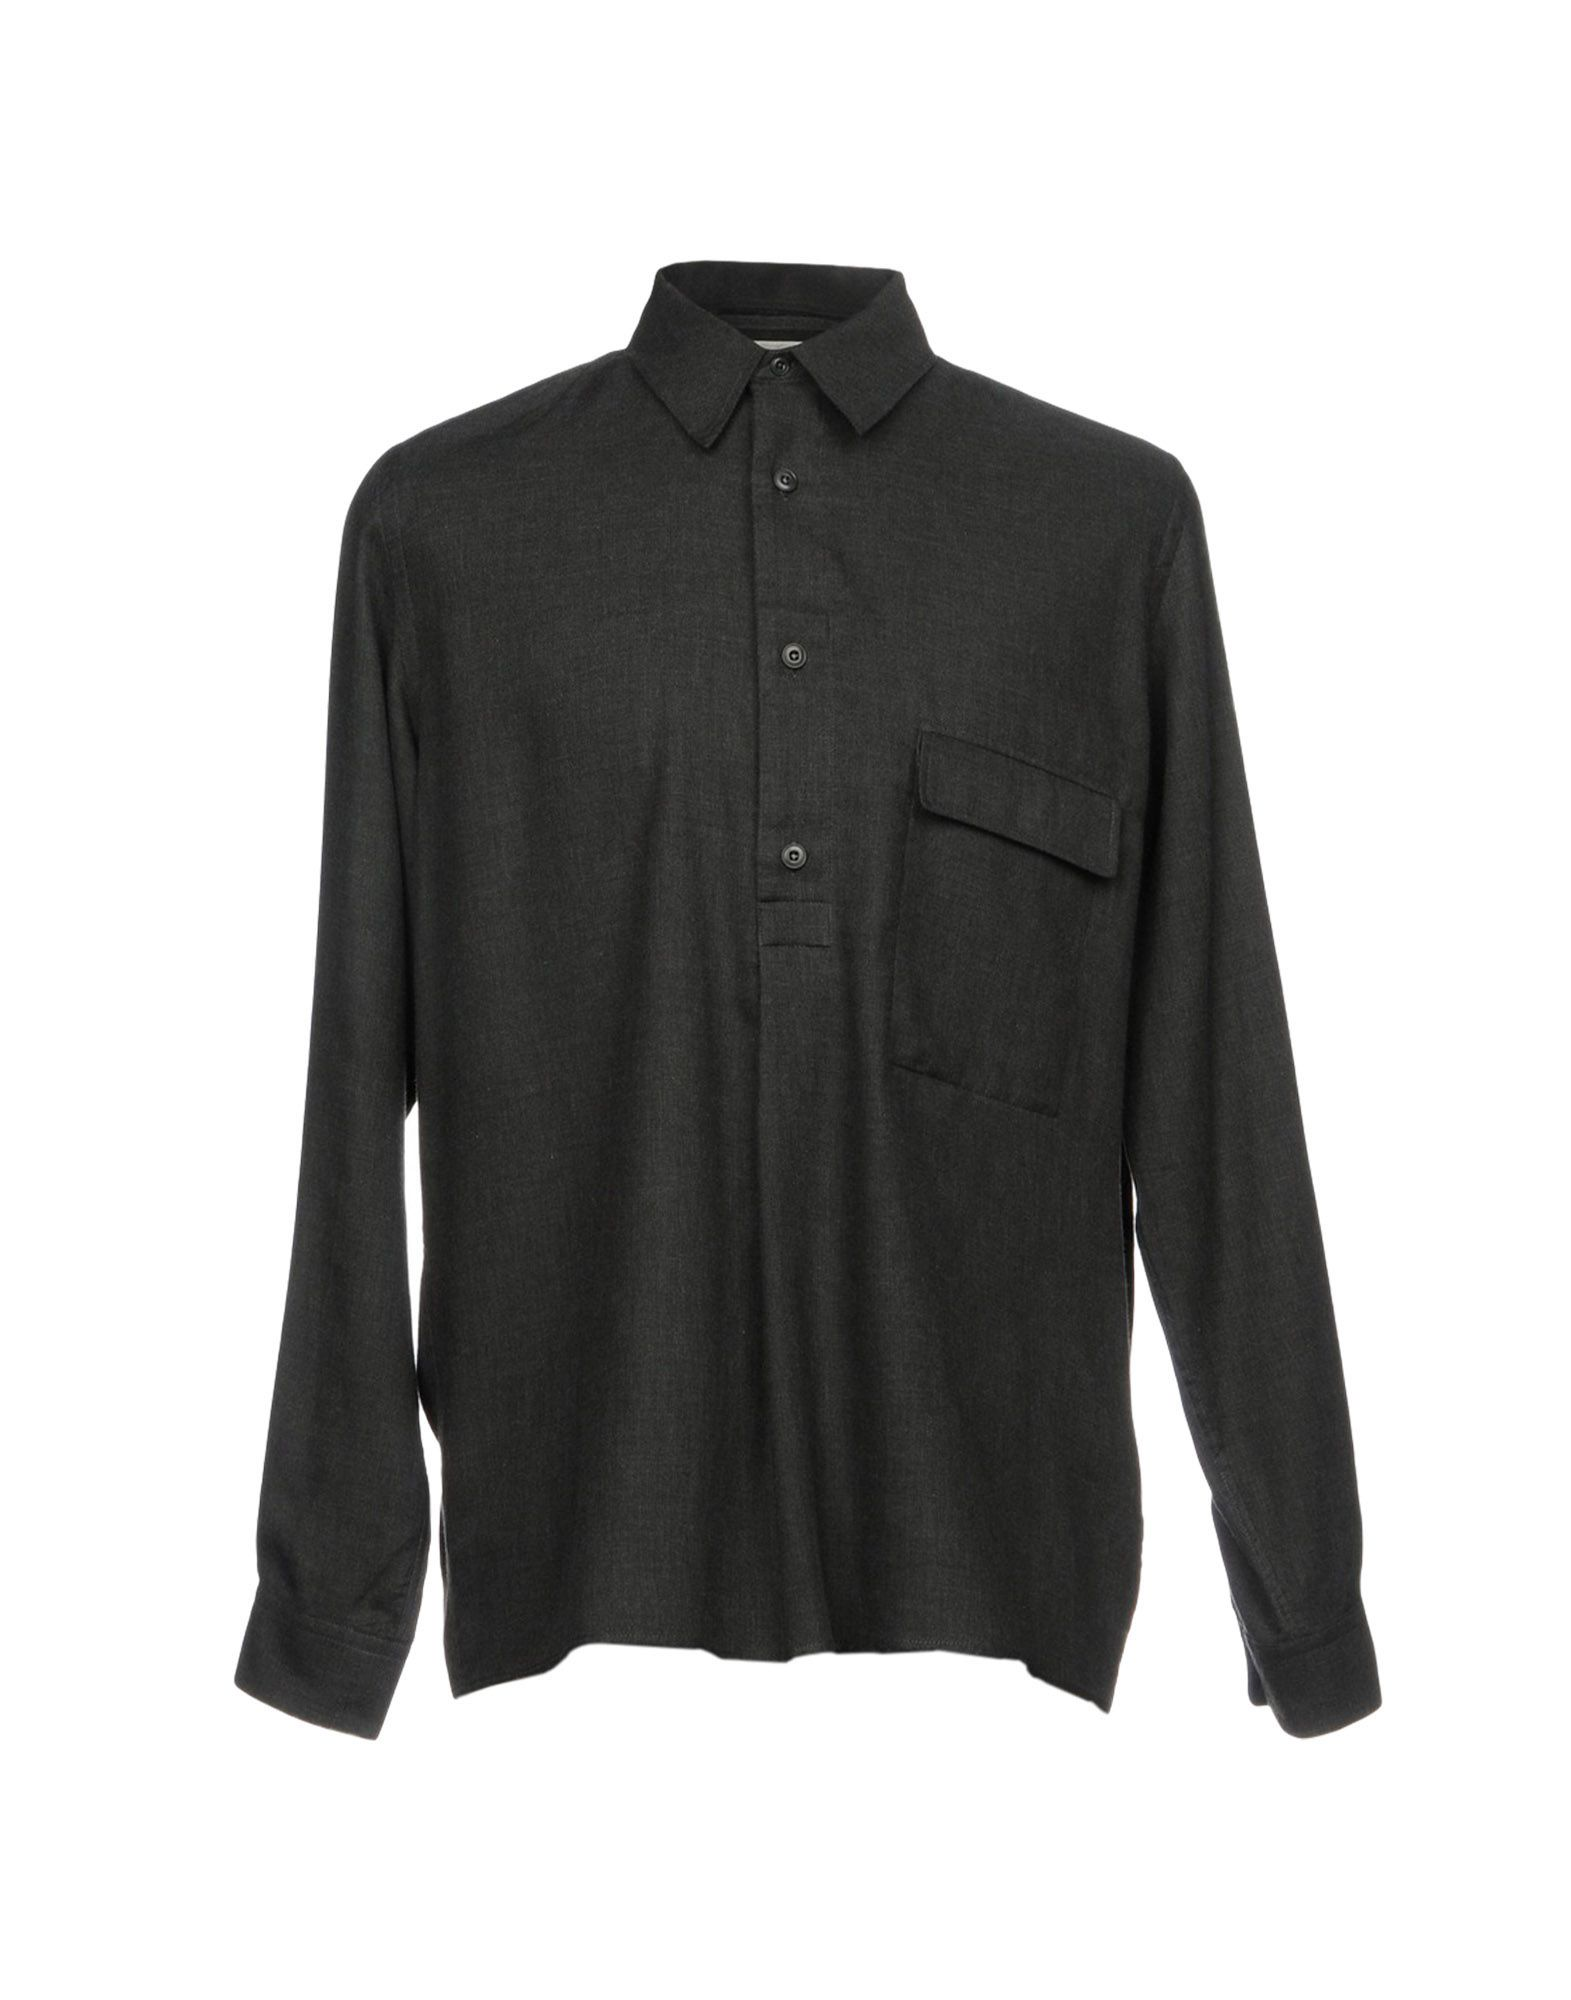 LEMAIRE Herren Hemd Farbe Blei Größe 4 - broschei